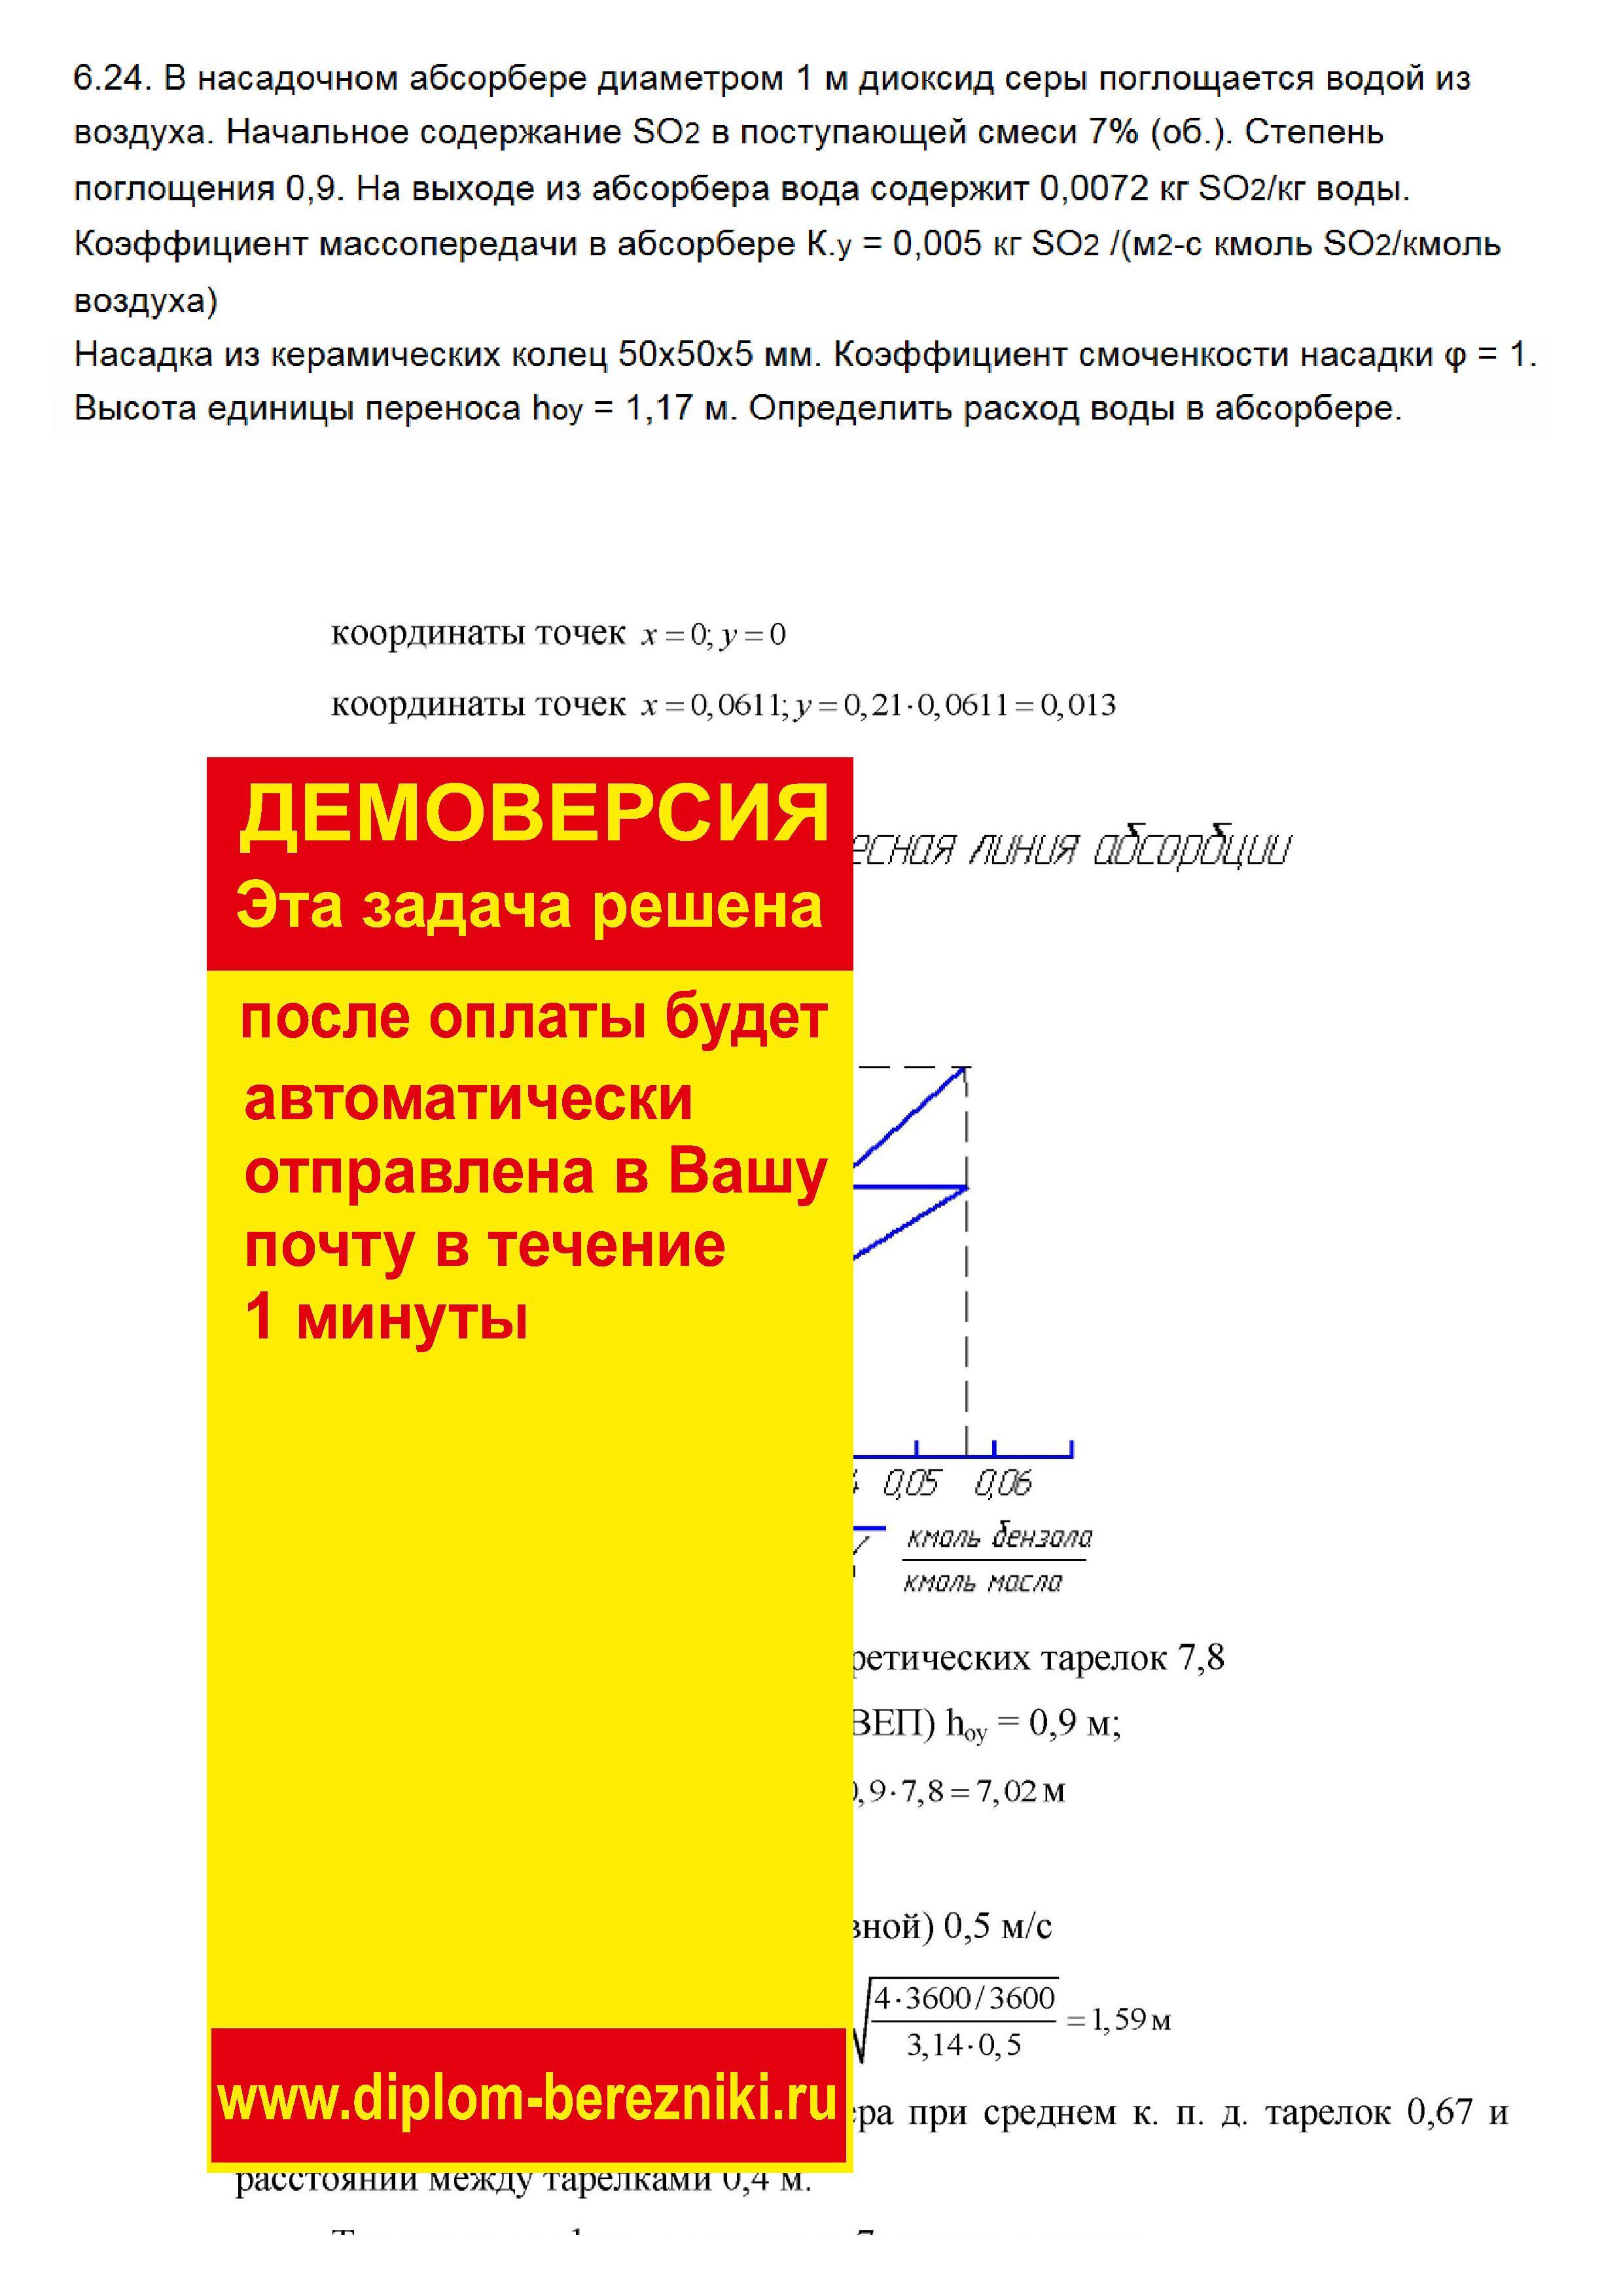 Решение задачи 6.24 по ПАХТ из задачника Павлова Романкова Носкова